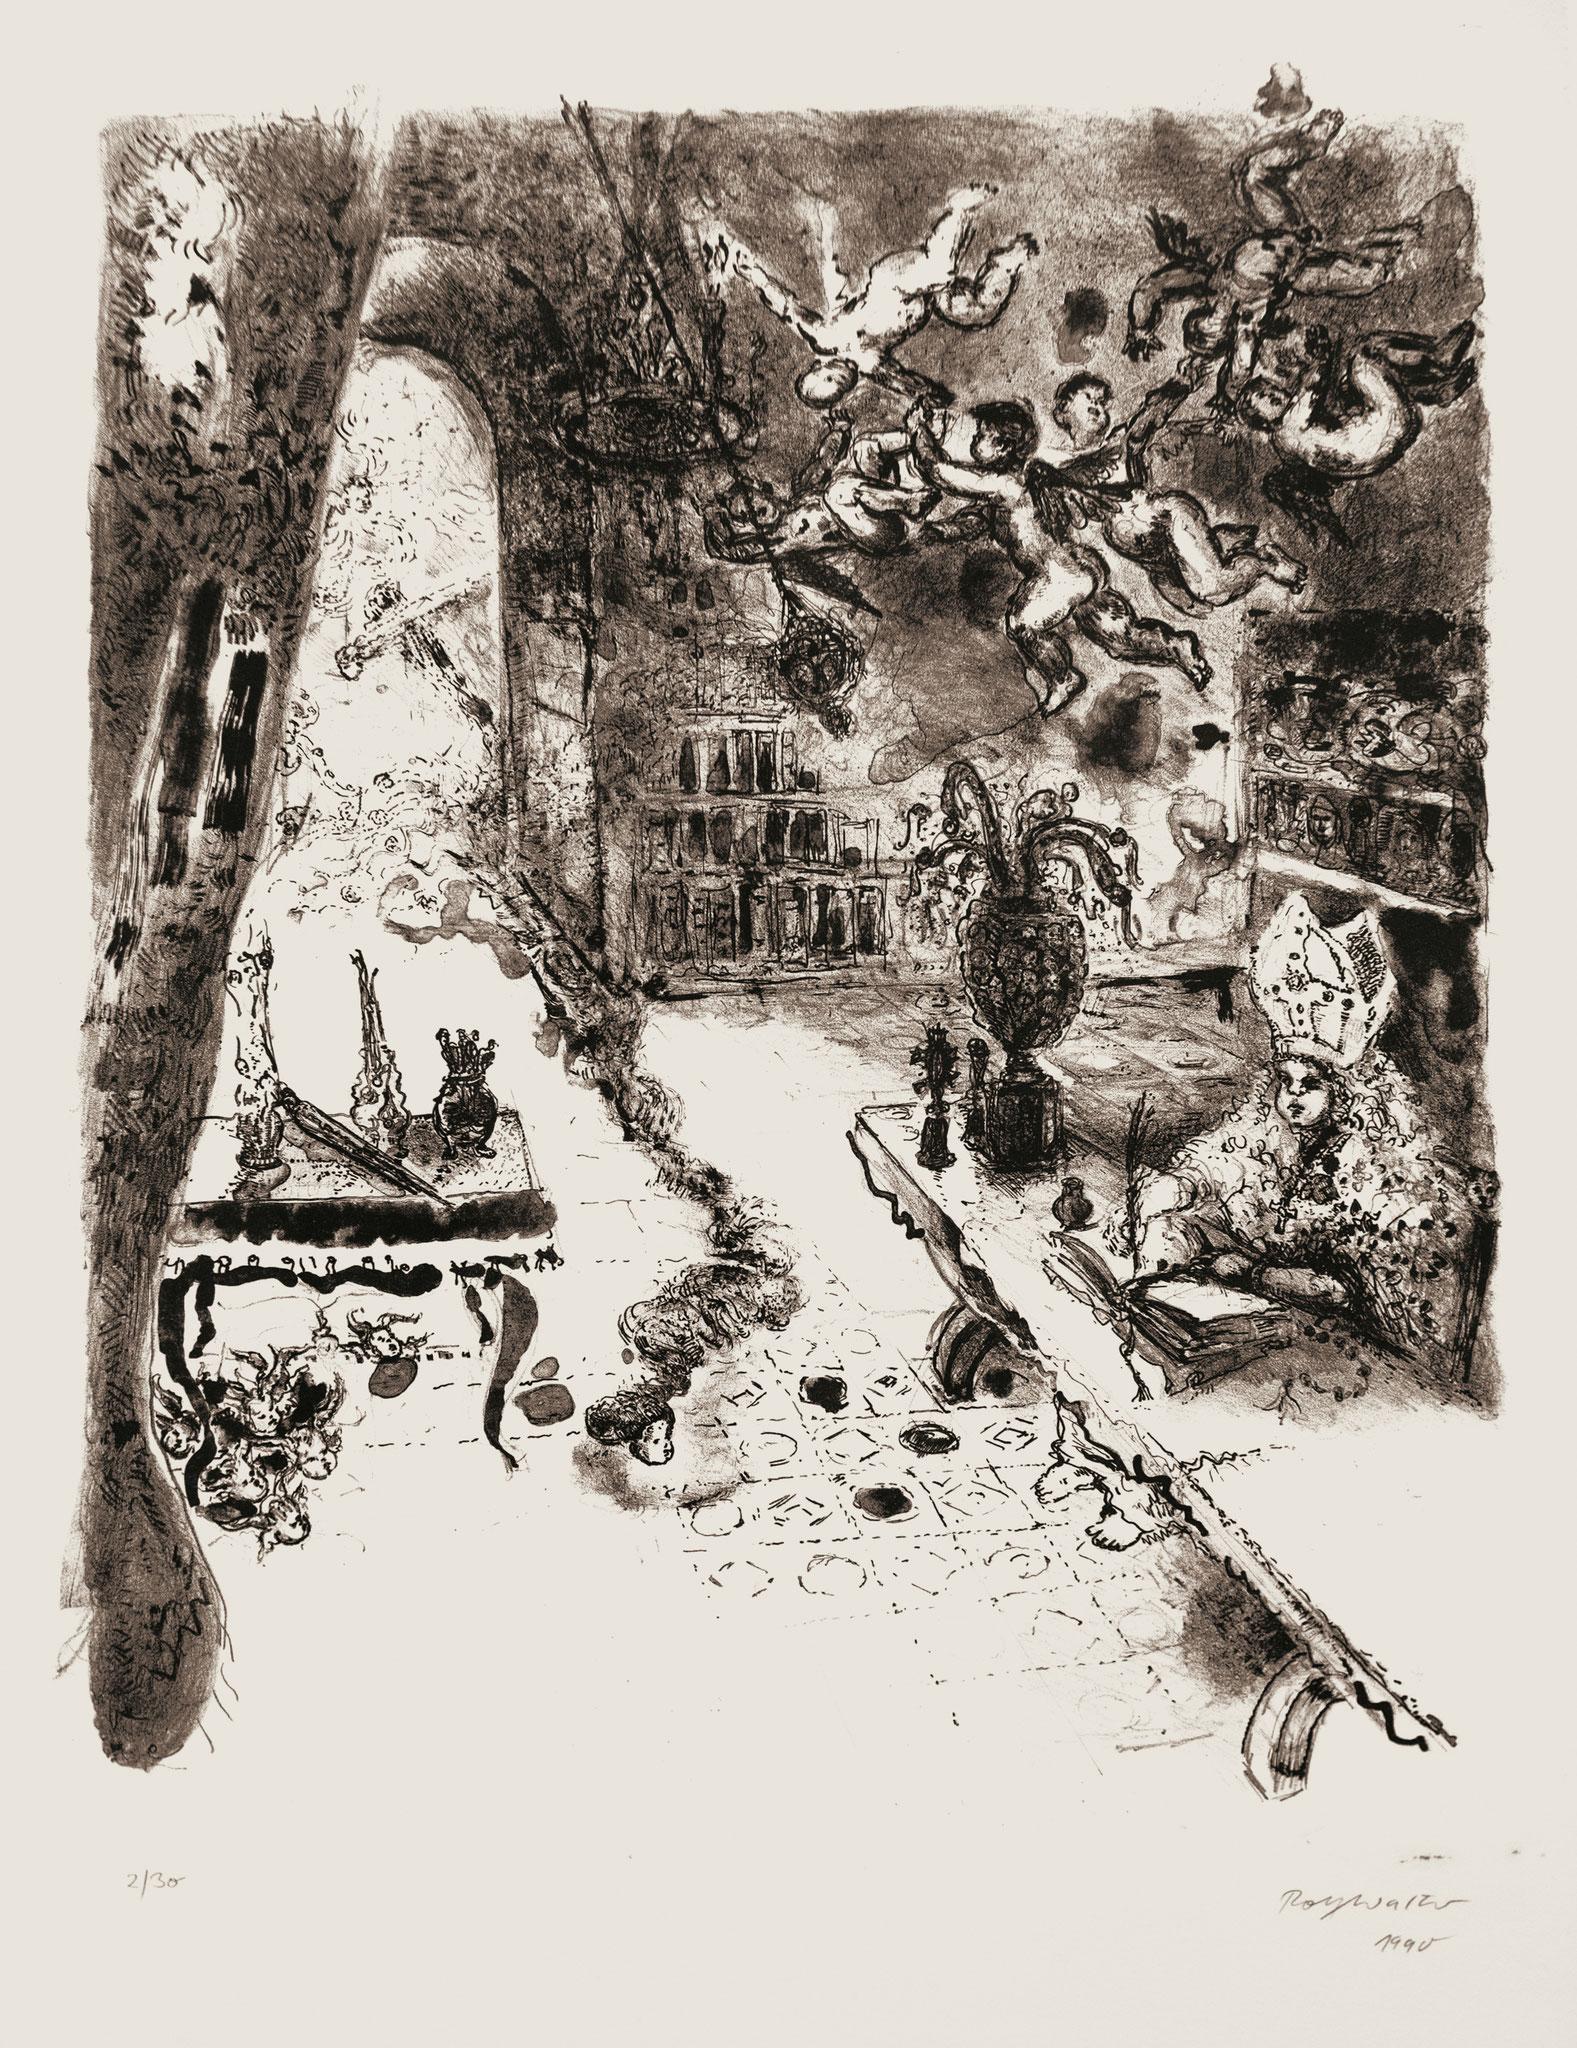 o.T. 1990, Lithographie, 58cm x 44cm